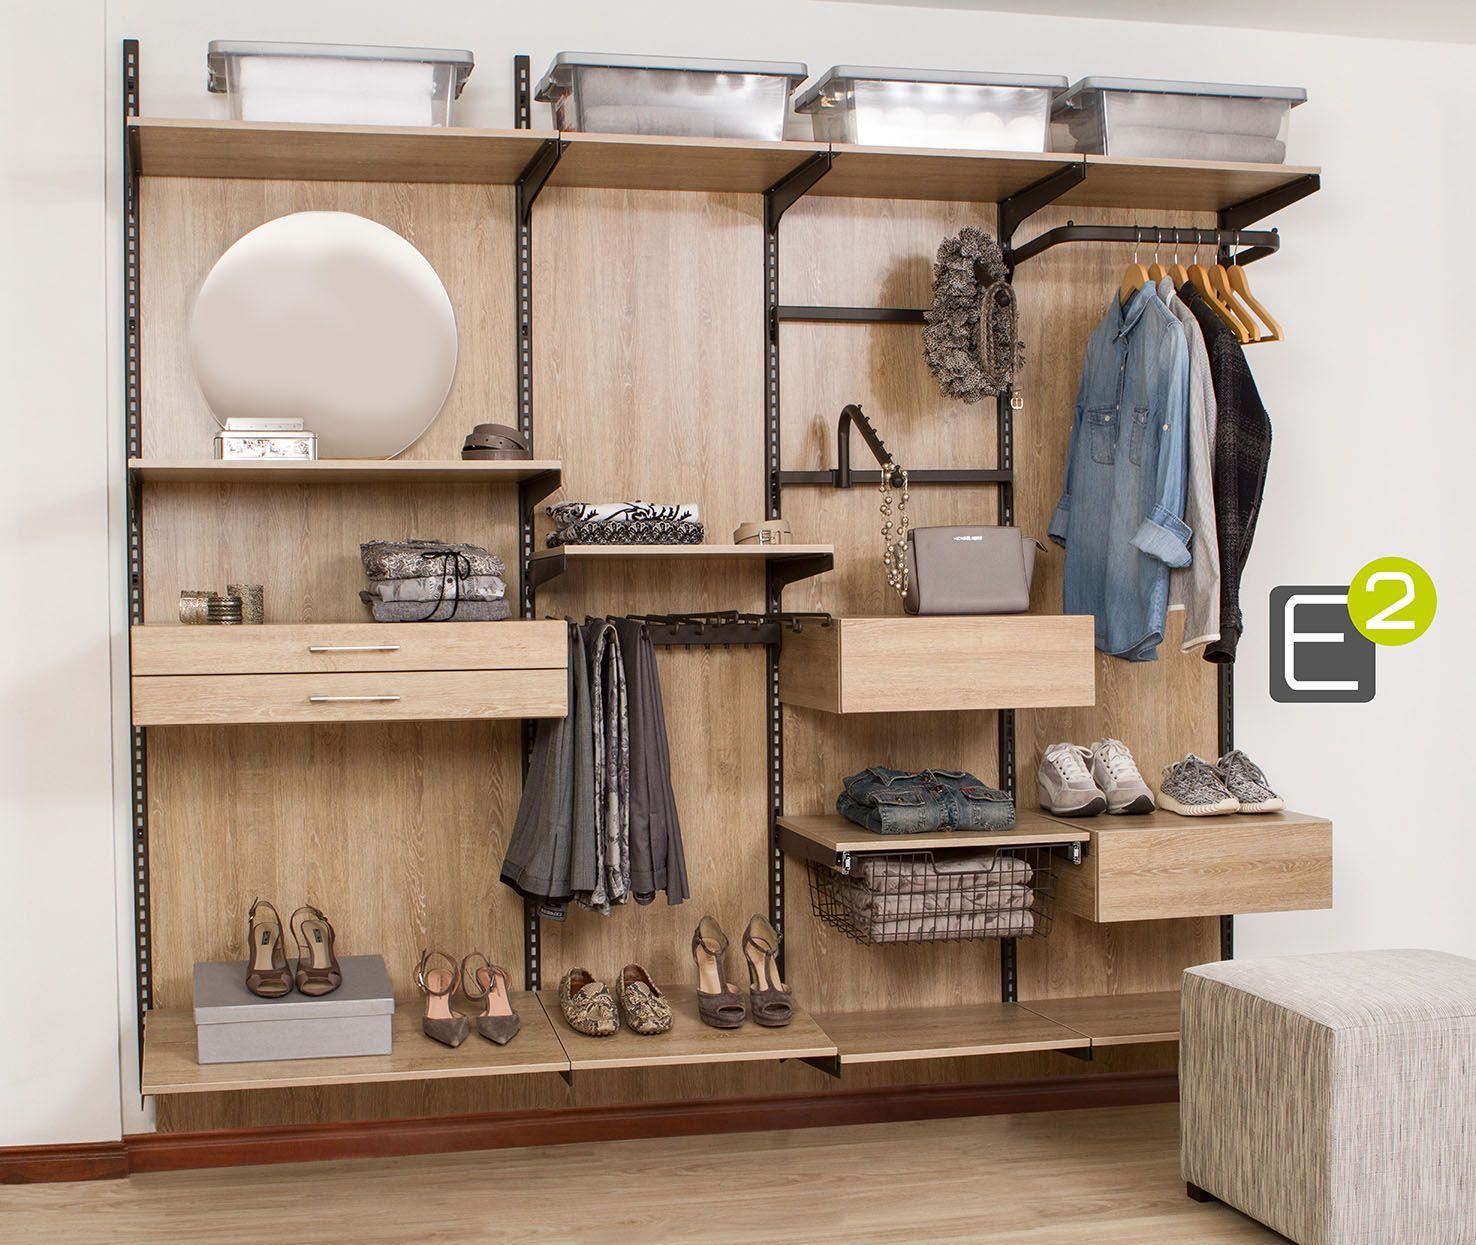 Organiza Tu Closet O Vestier Con Muebles Modulares Todo En Orden  # Muebles Cuadrados